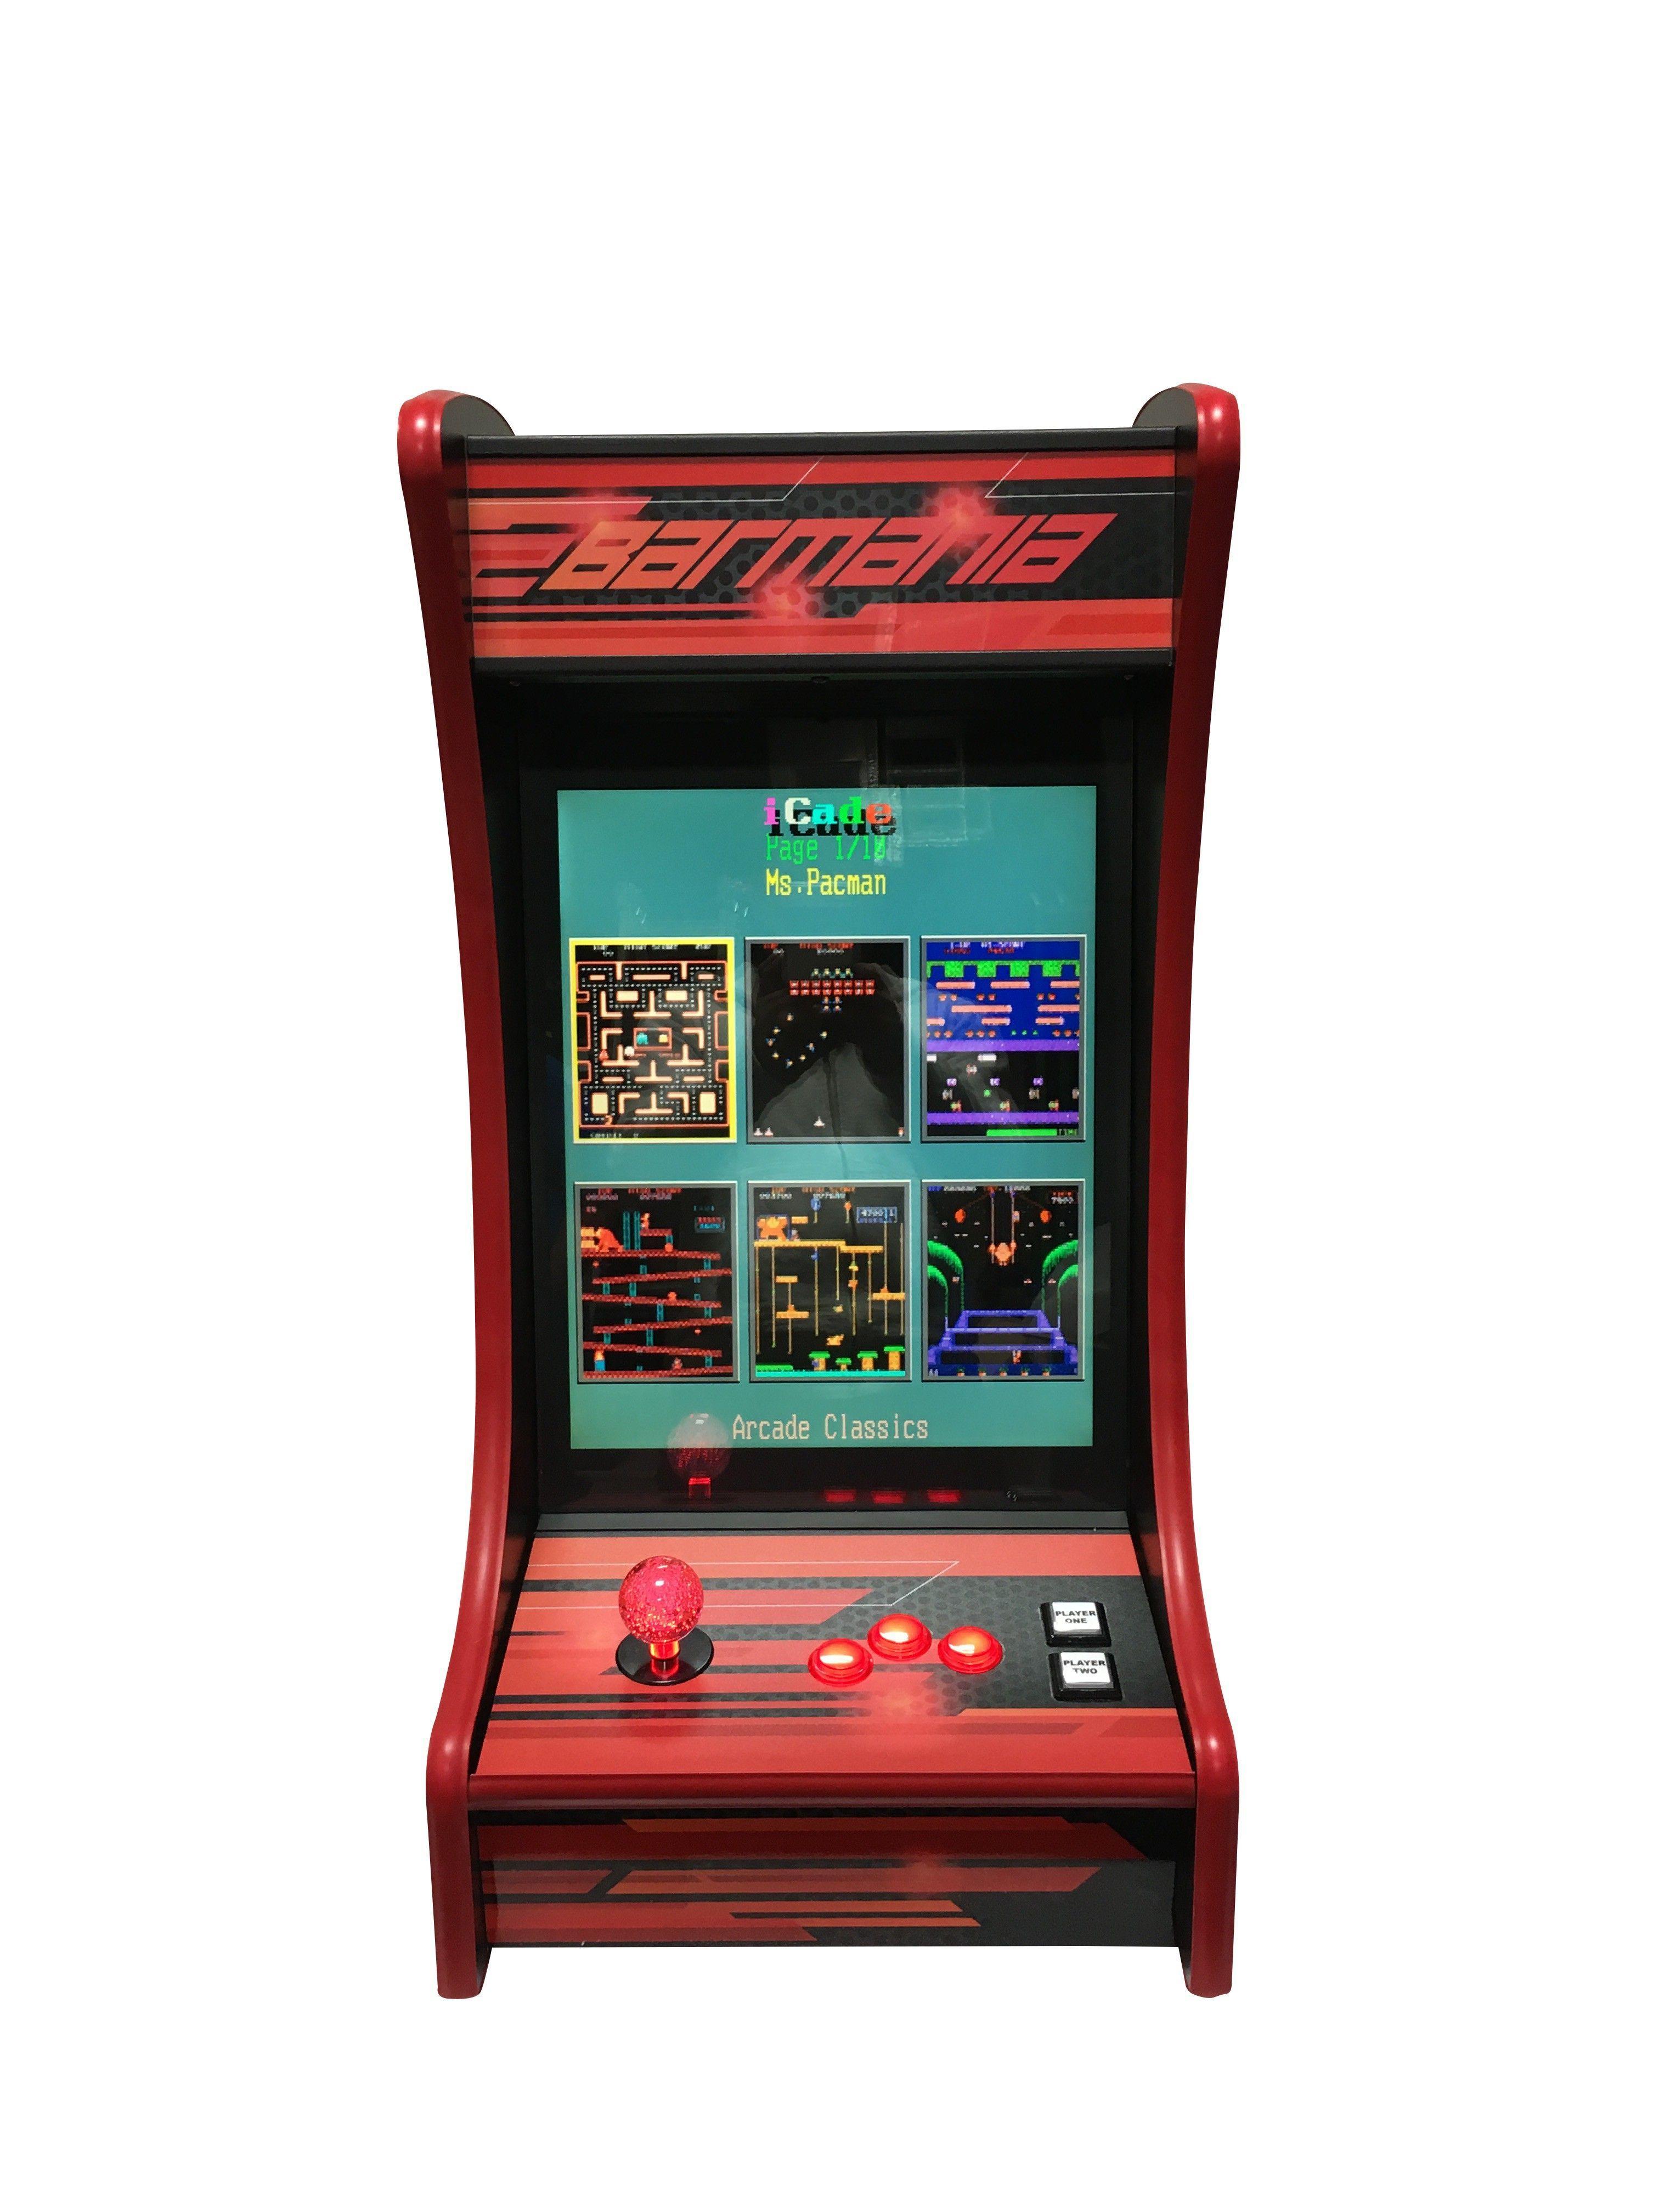 Stt 60 Countertop Arcade Machine Arcade Machine Arcade Pacman